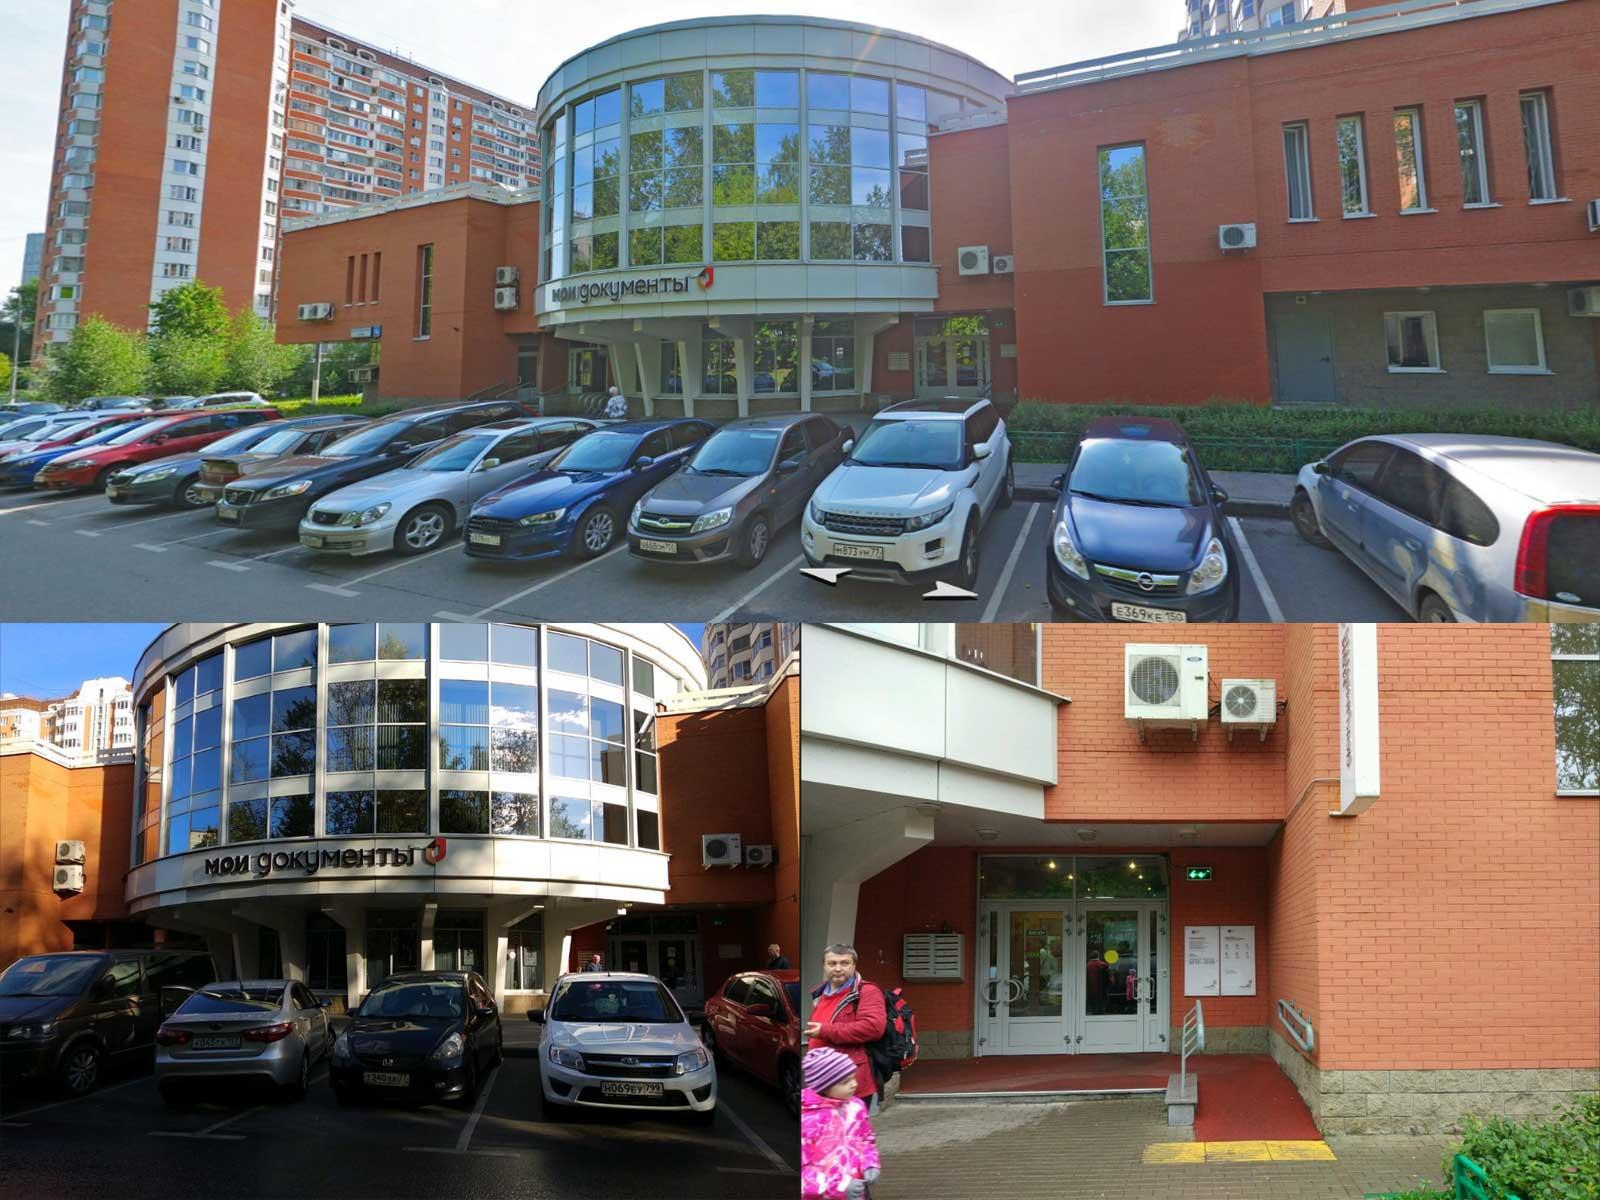 Вид на здание УФМС по району Чертаново Южное, Россошанская ул., 4, корп. 2, Москва